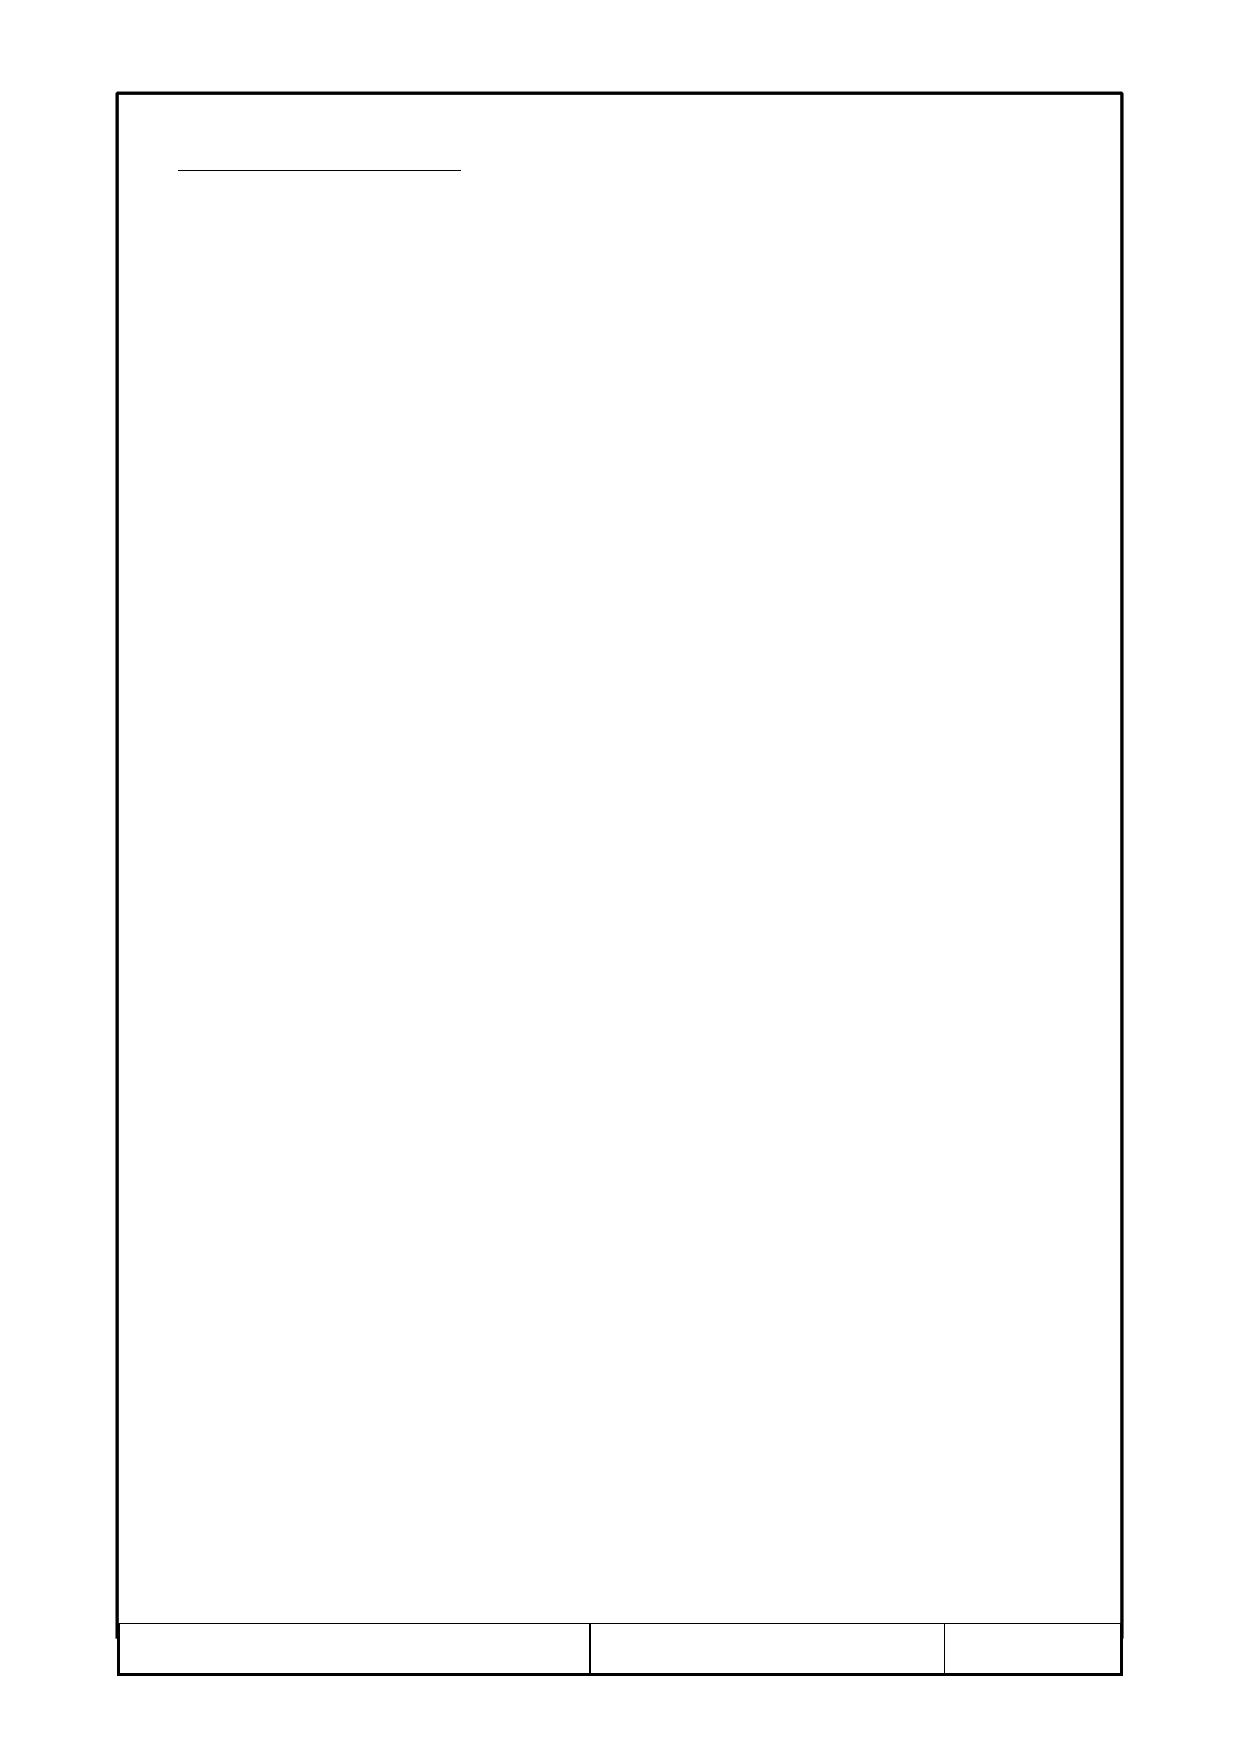 F-51477GNB-FW-AD Даташит, Описание, Даташиты